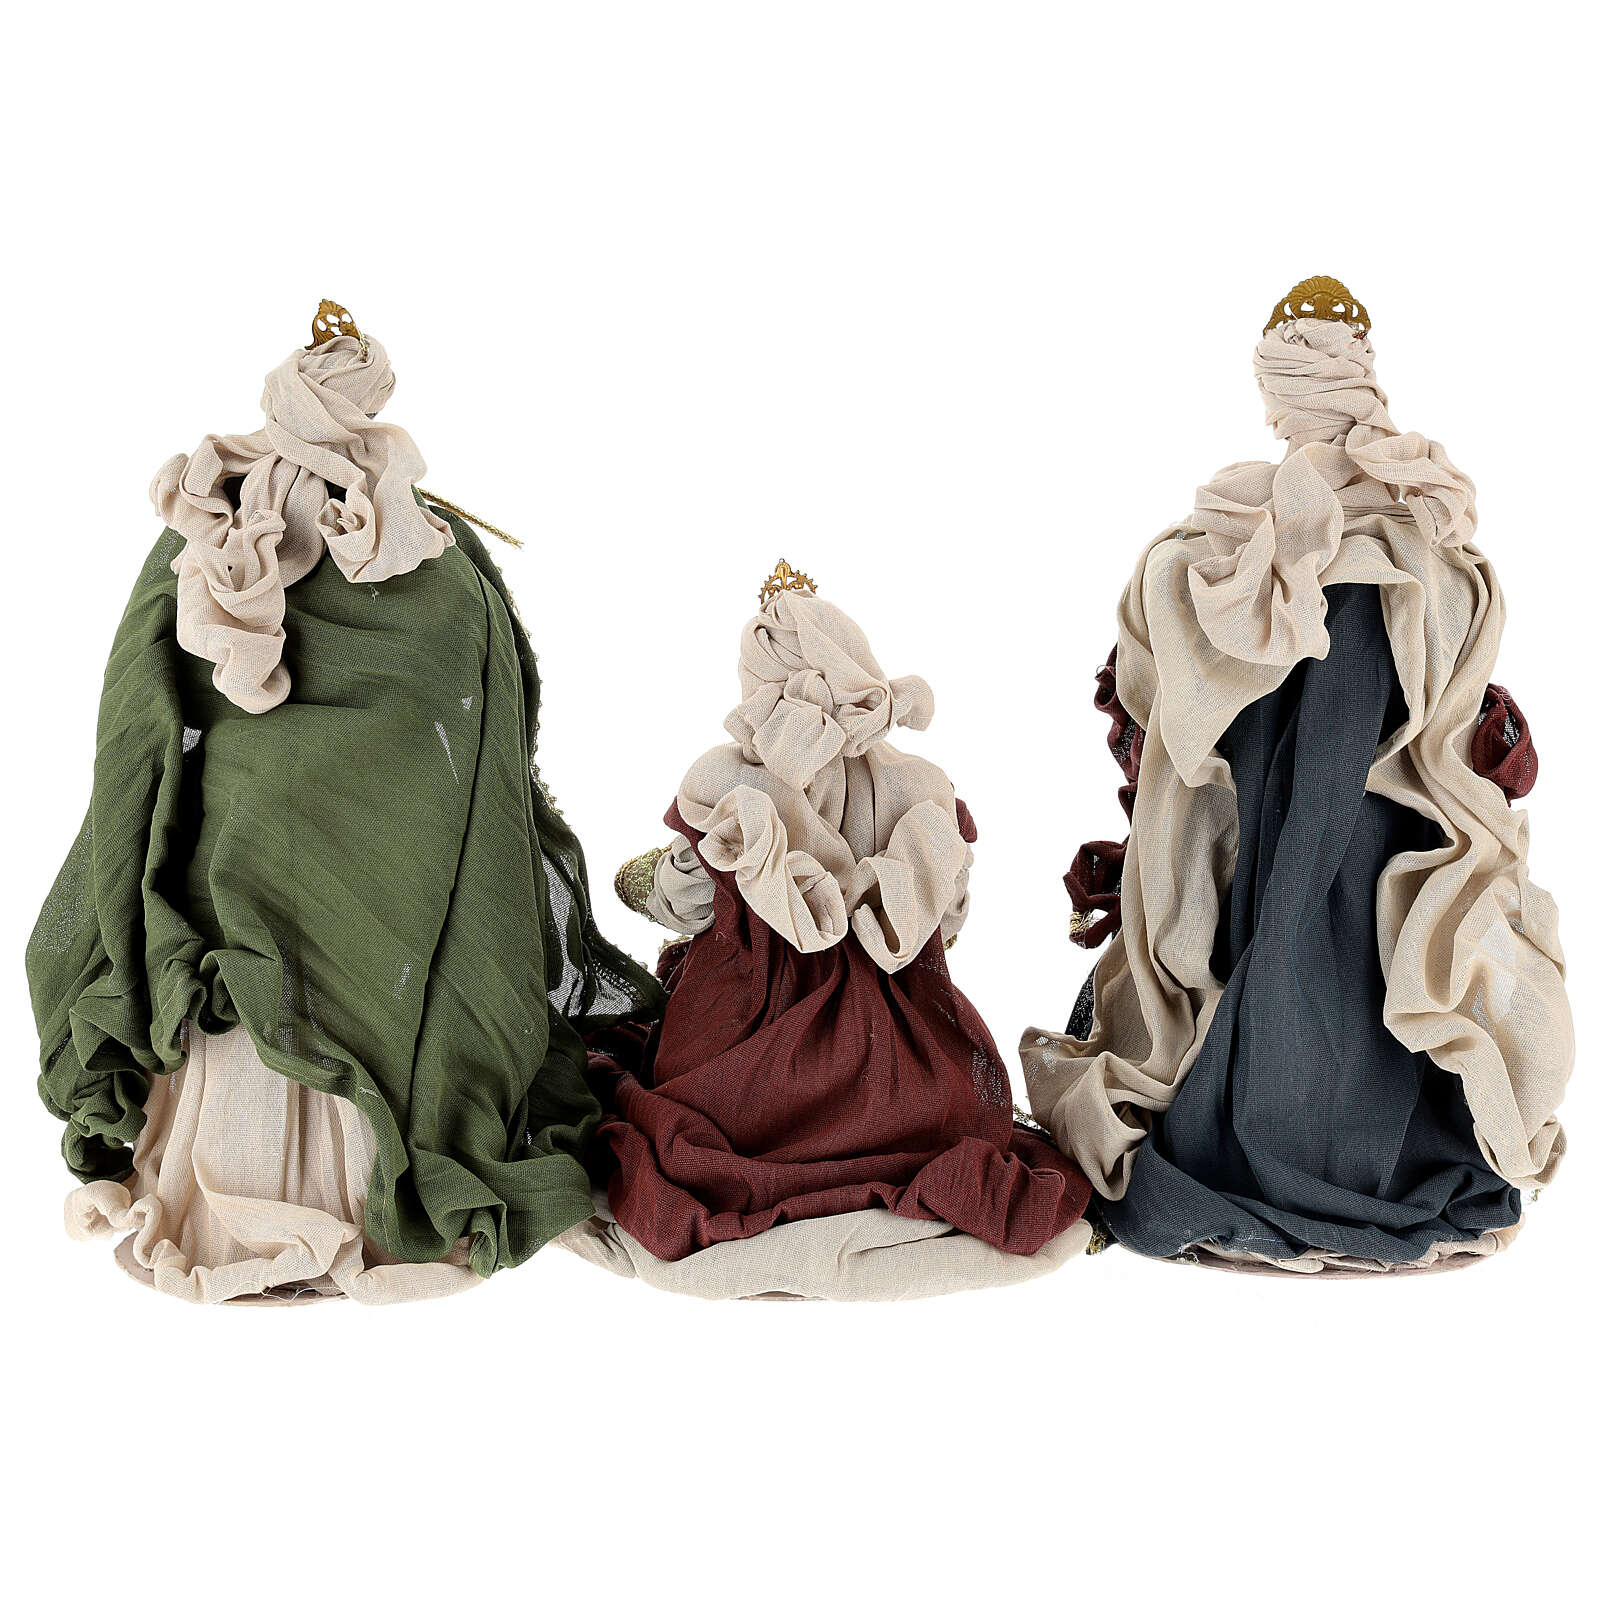 Natività 6 pezzi colori tradizionali resina stoffa shabby chic 40 cm  4